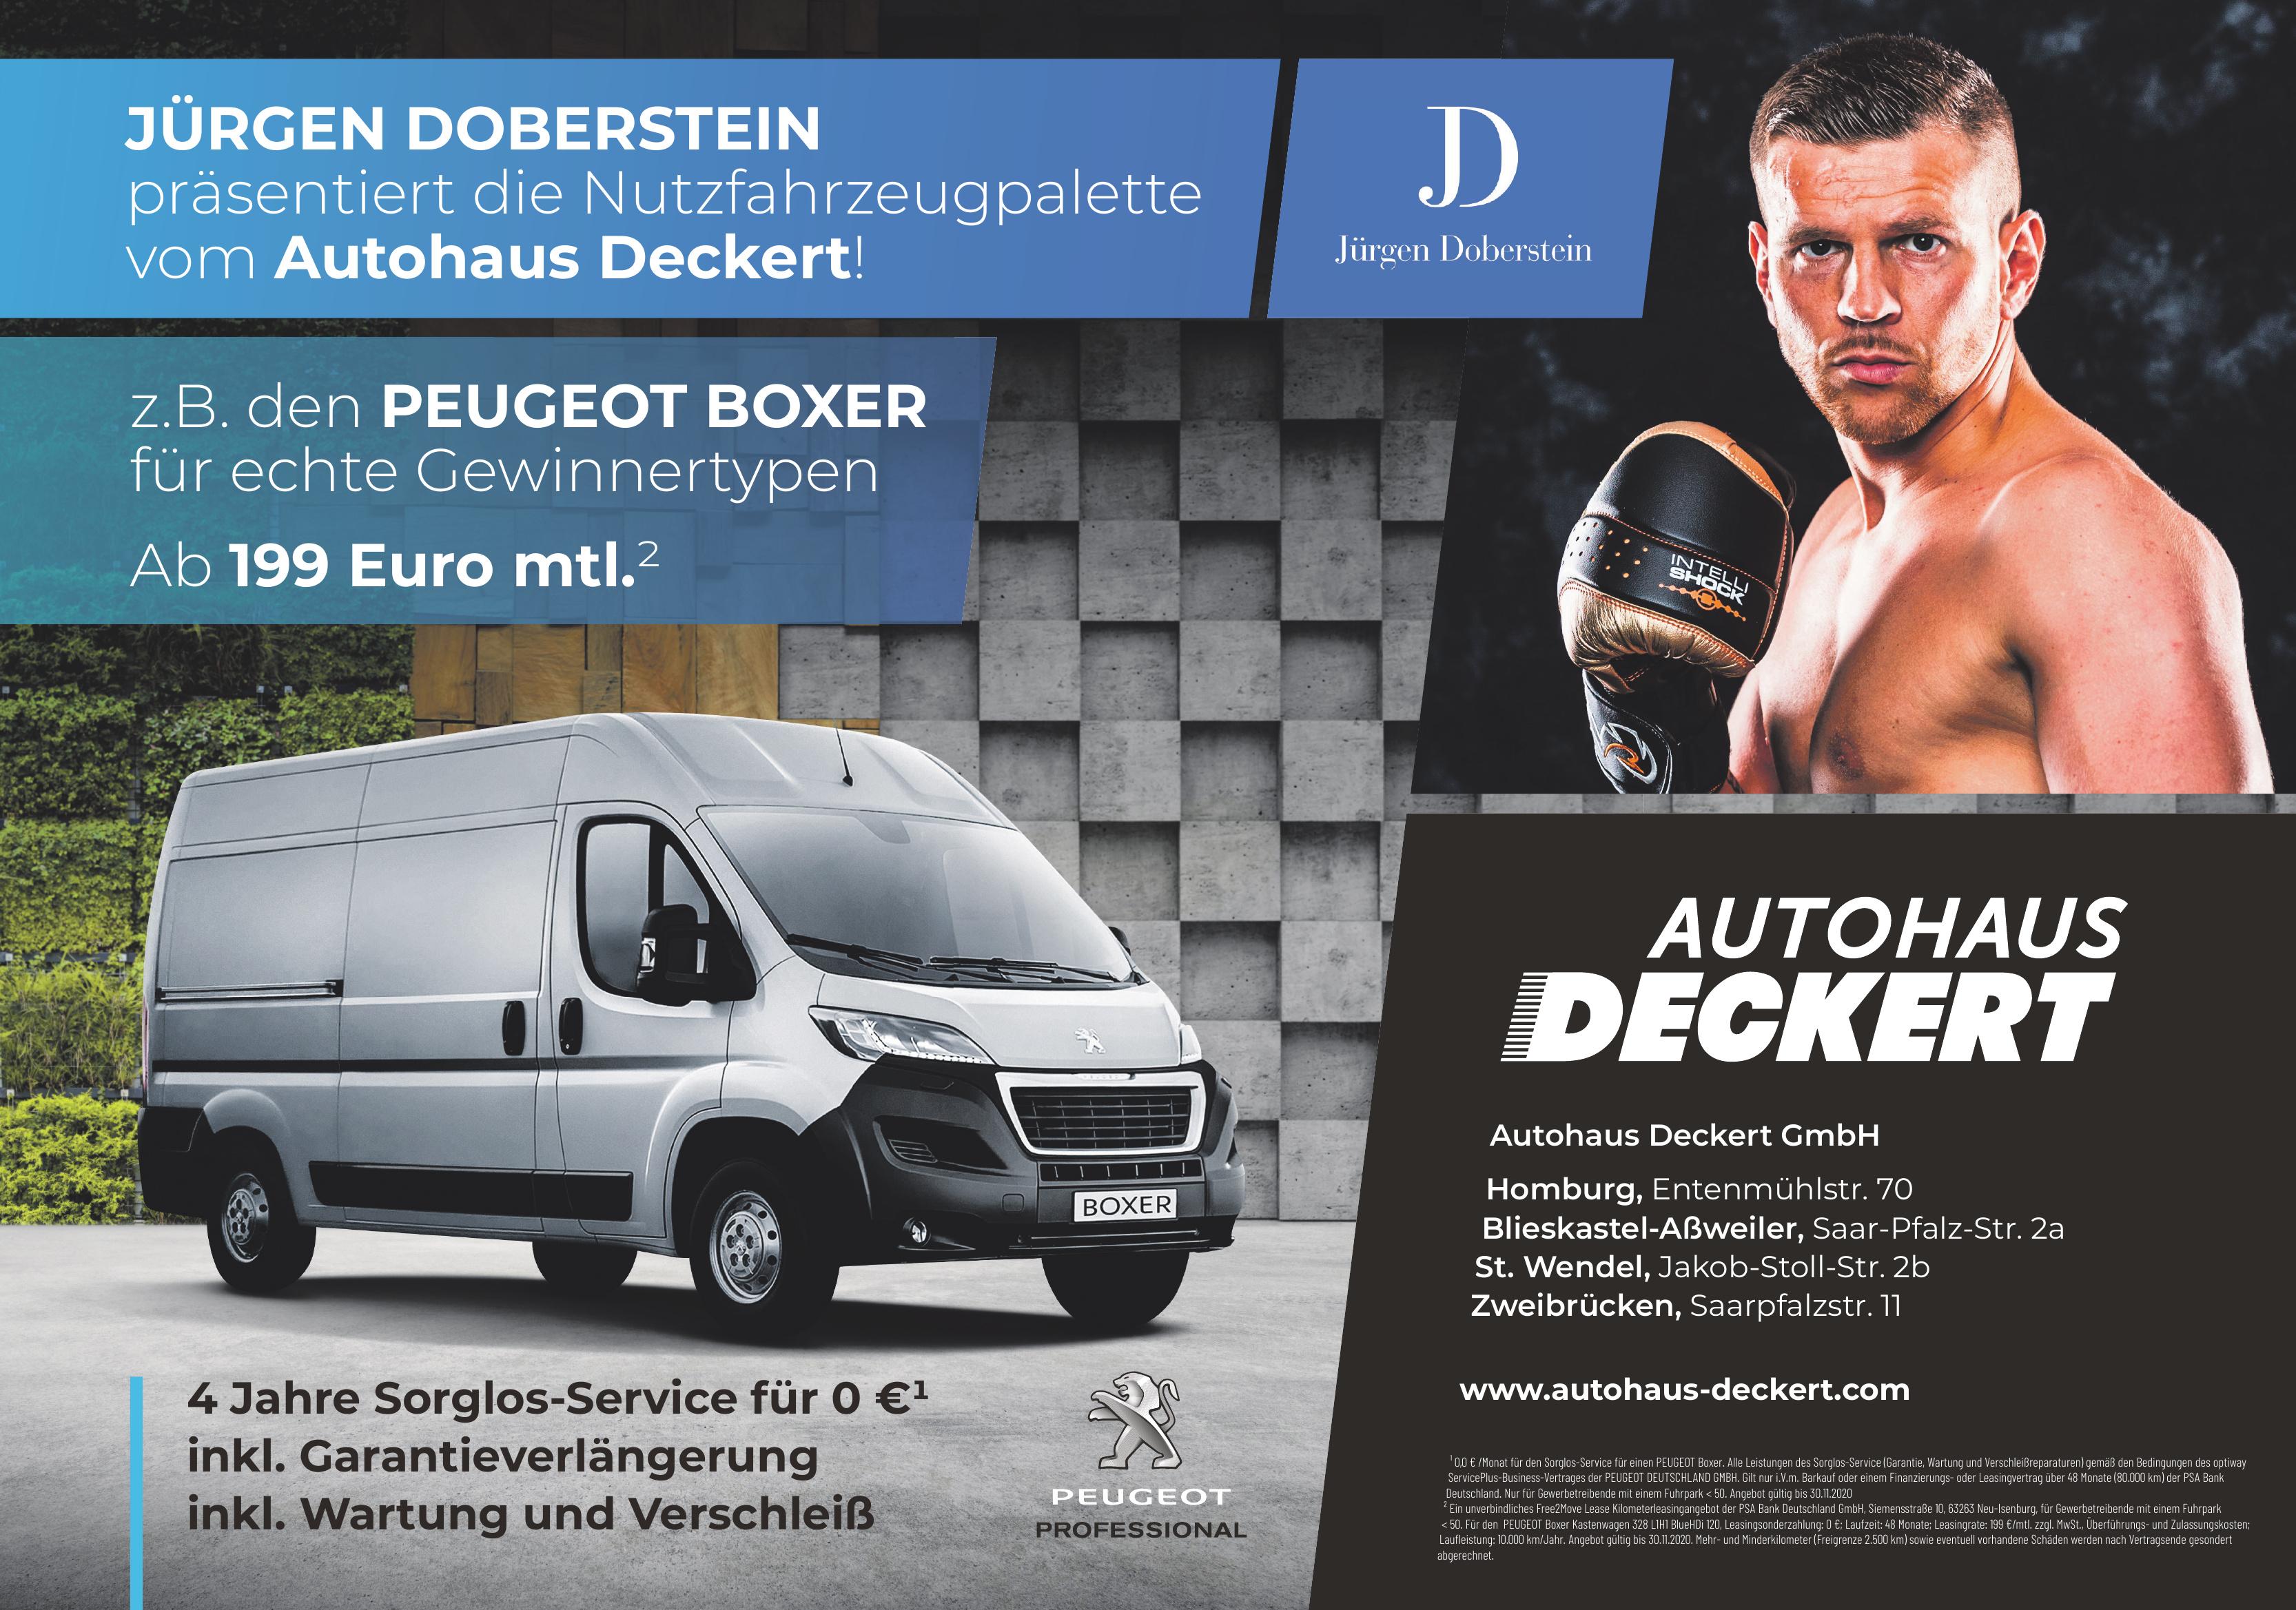 Autohaus Deckert GmbH